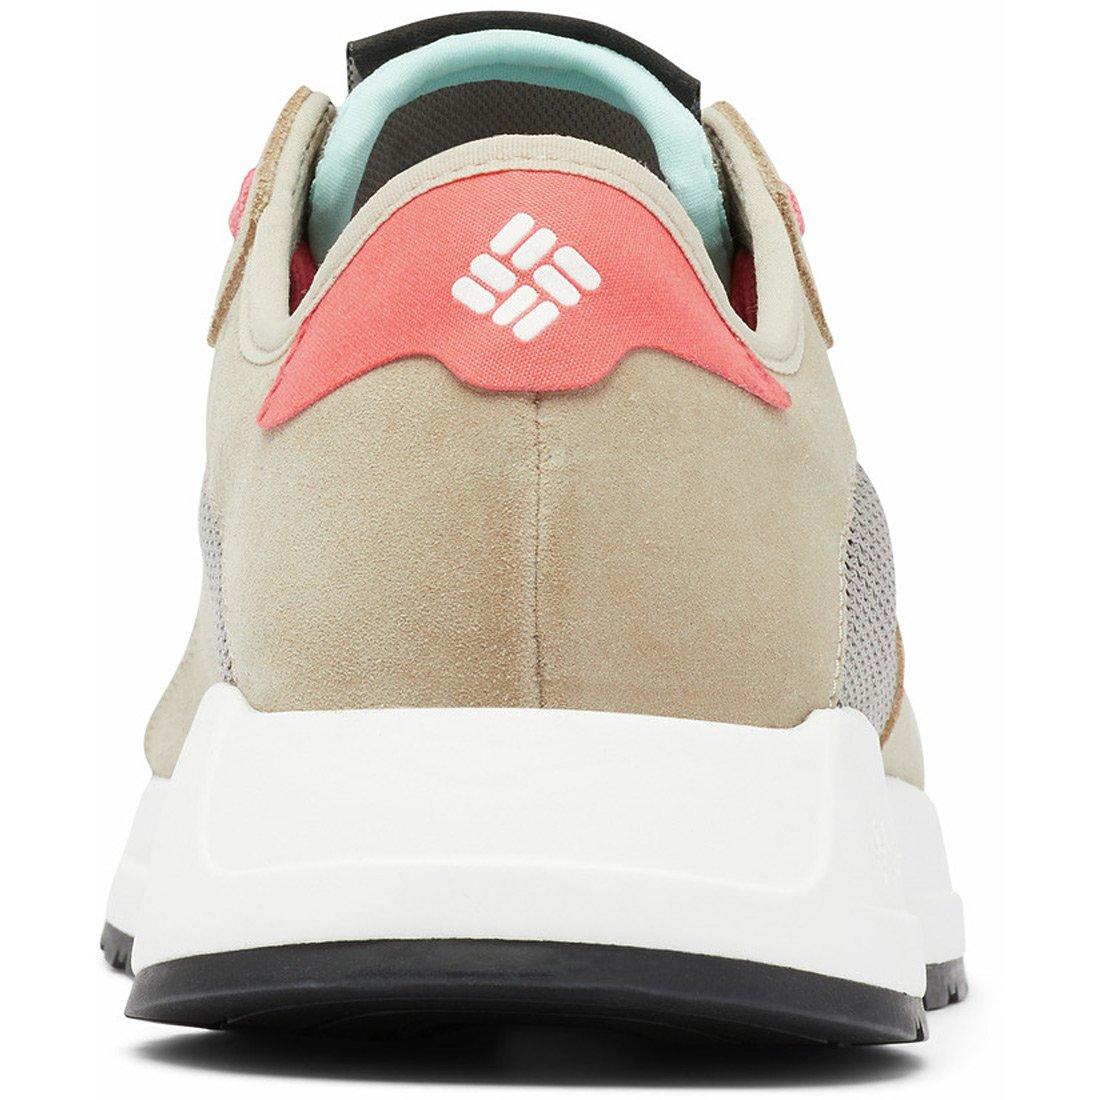 נעליים לנשים - Wildone Generation - Columbia